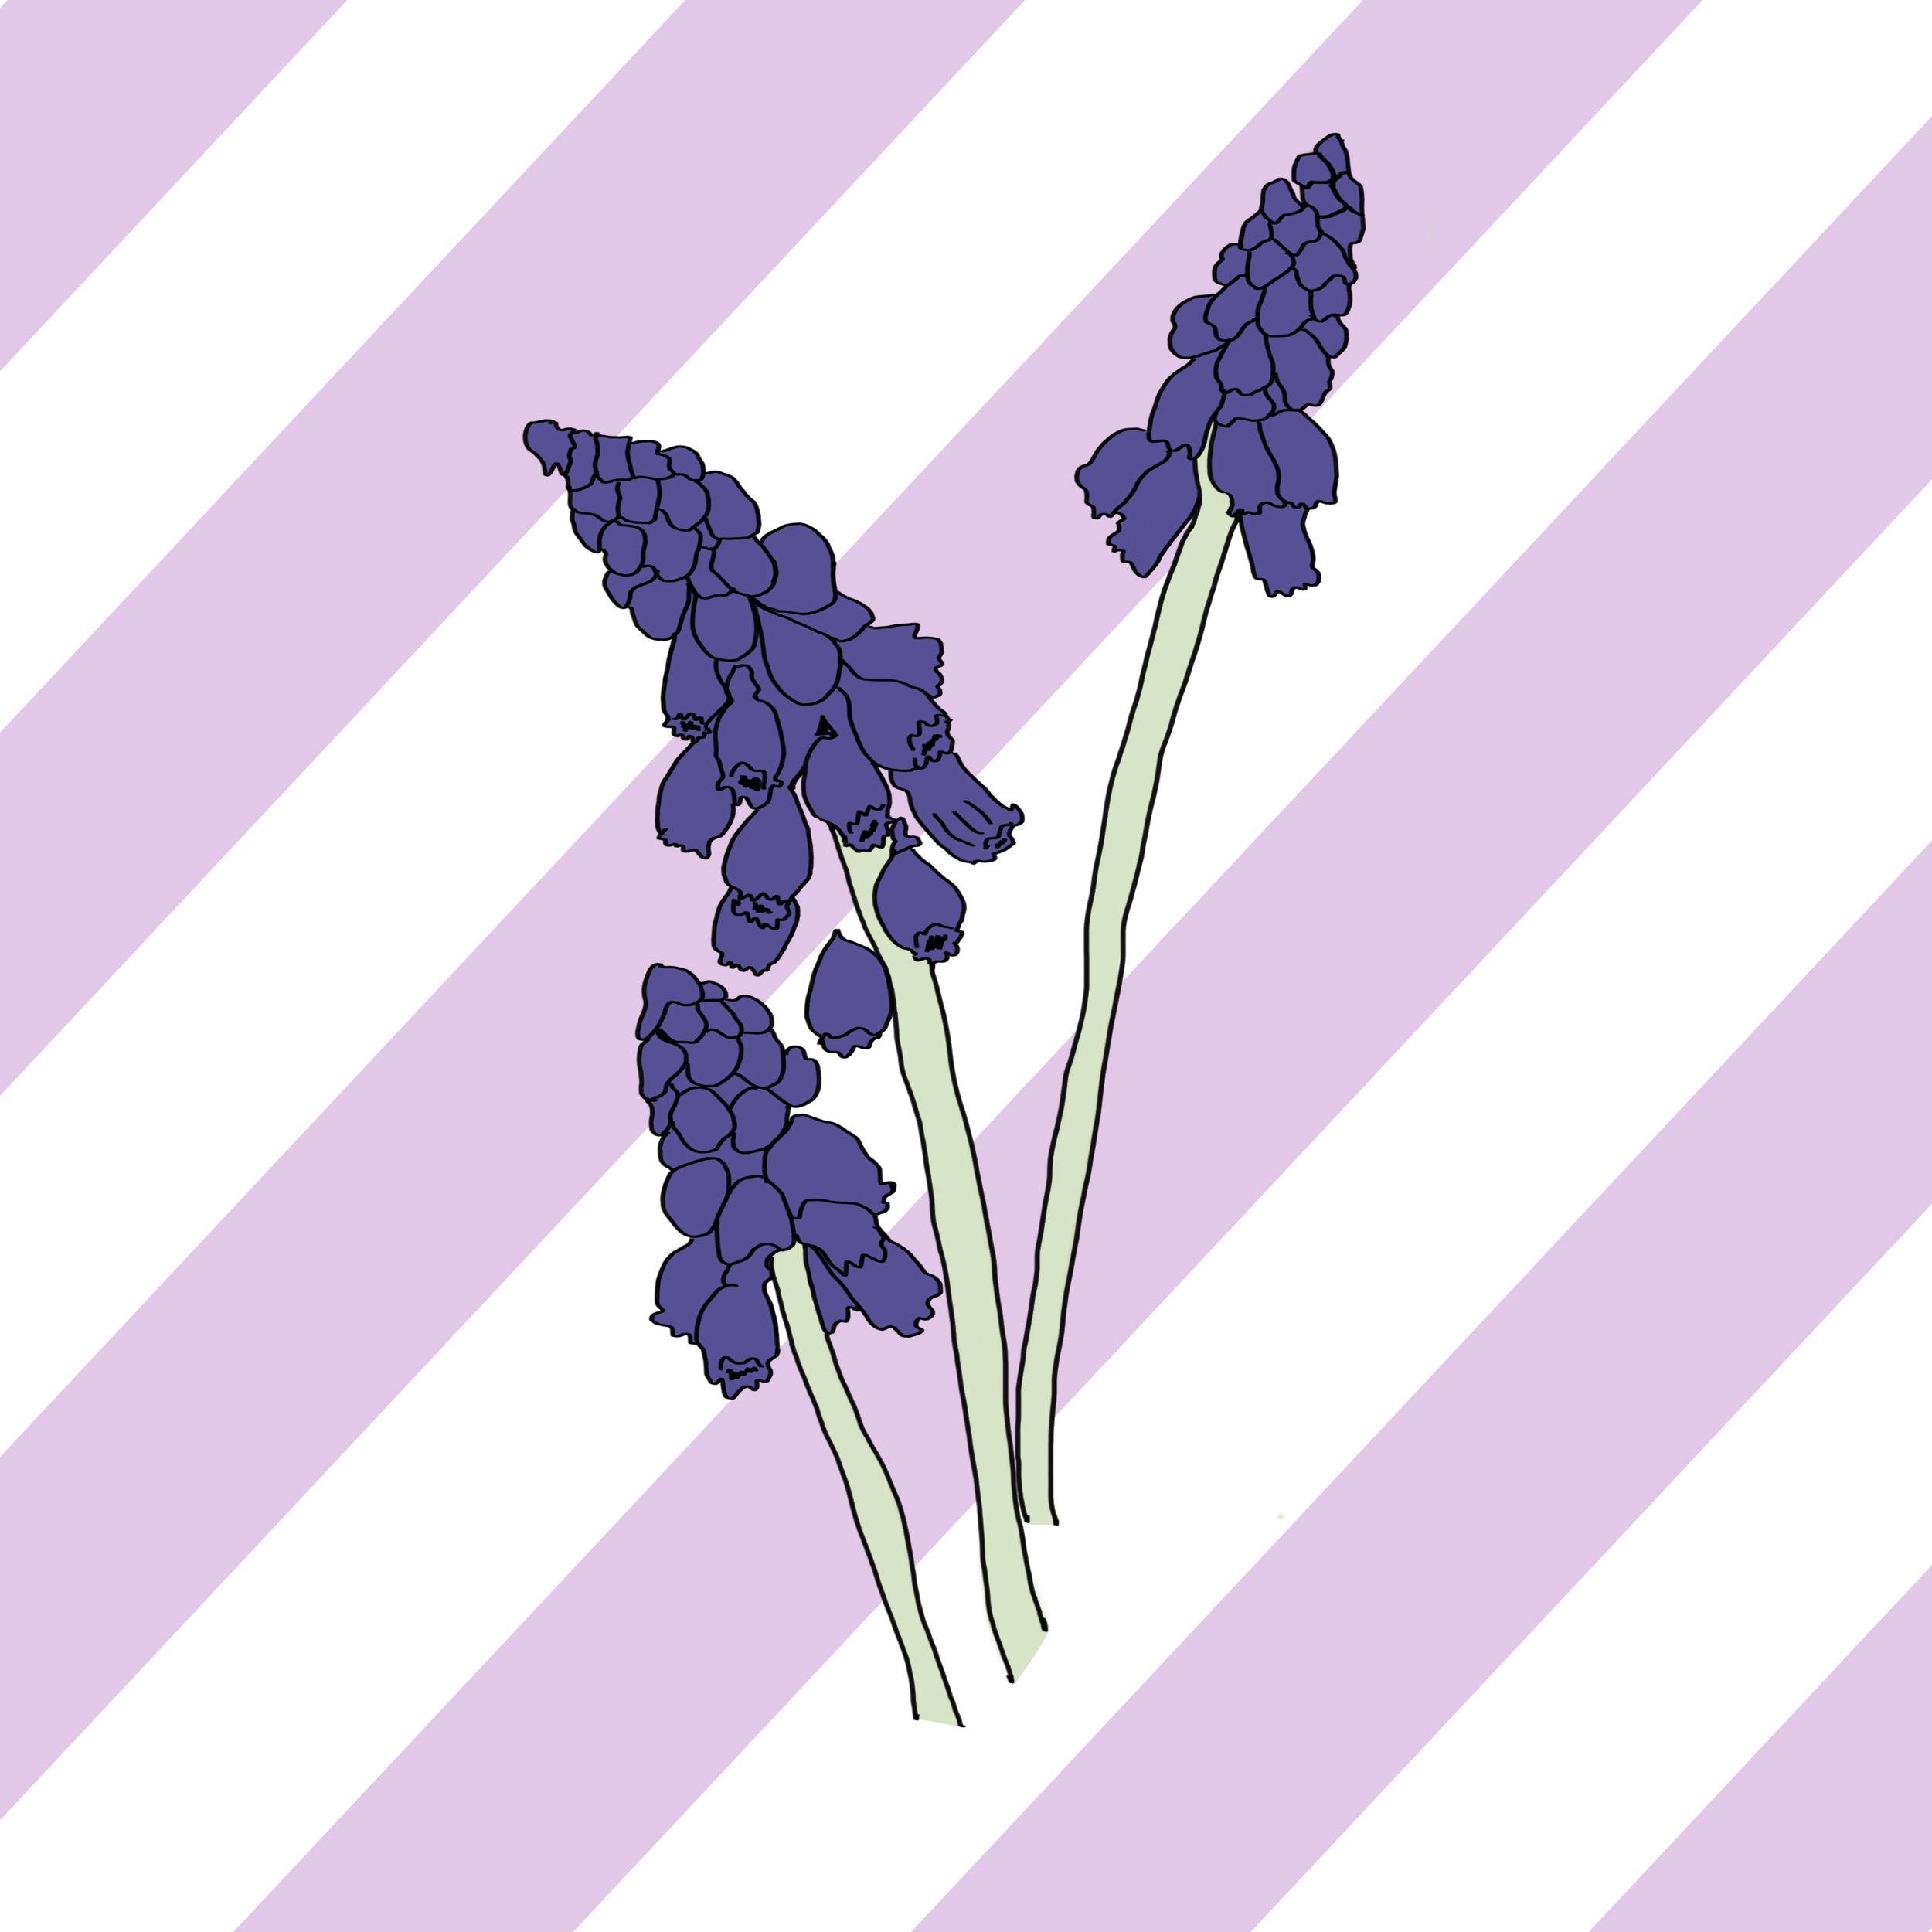 03_Flowers.jpg